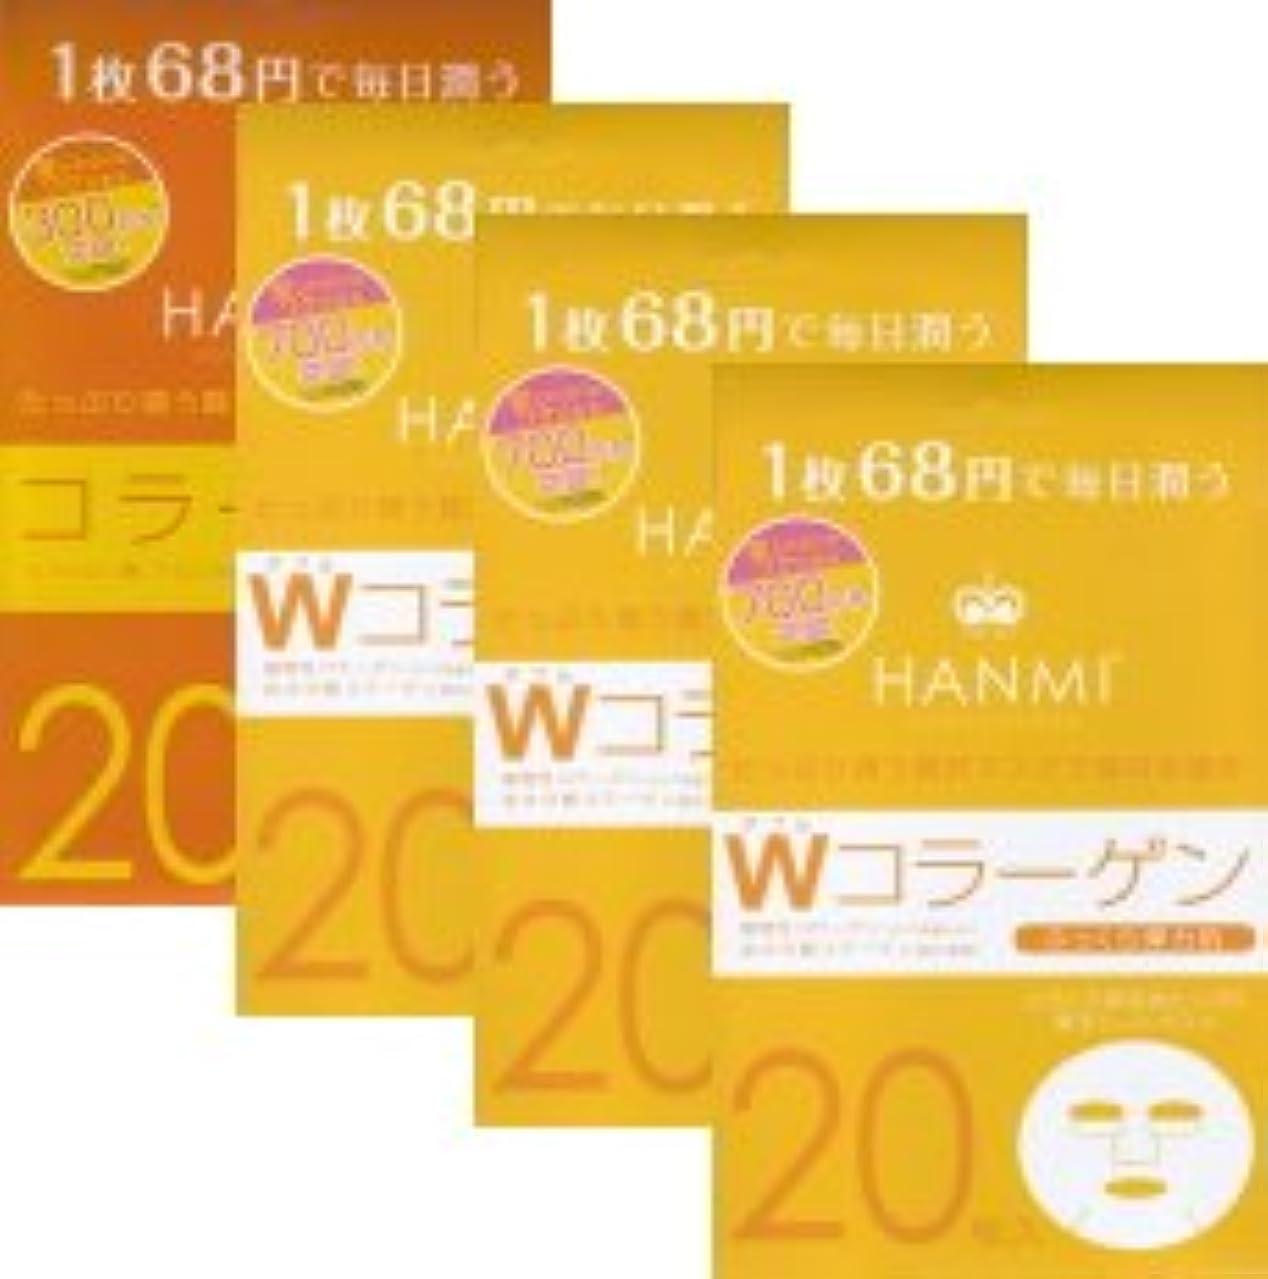 妻太鼓腹ホーンMIGAKI ハンミフェイスマスク(20枚入り)「コラーゲン×1個」「Wコラーゲン×3個」の4個セット